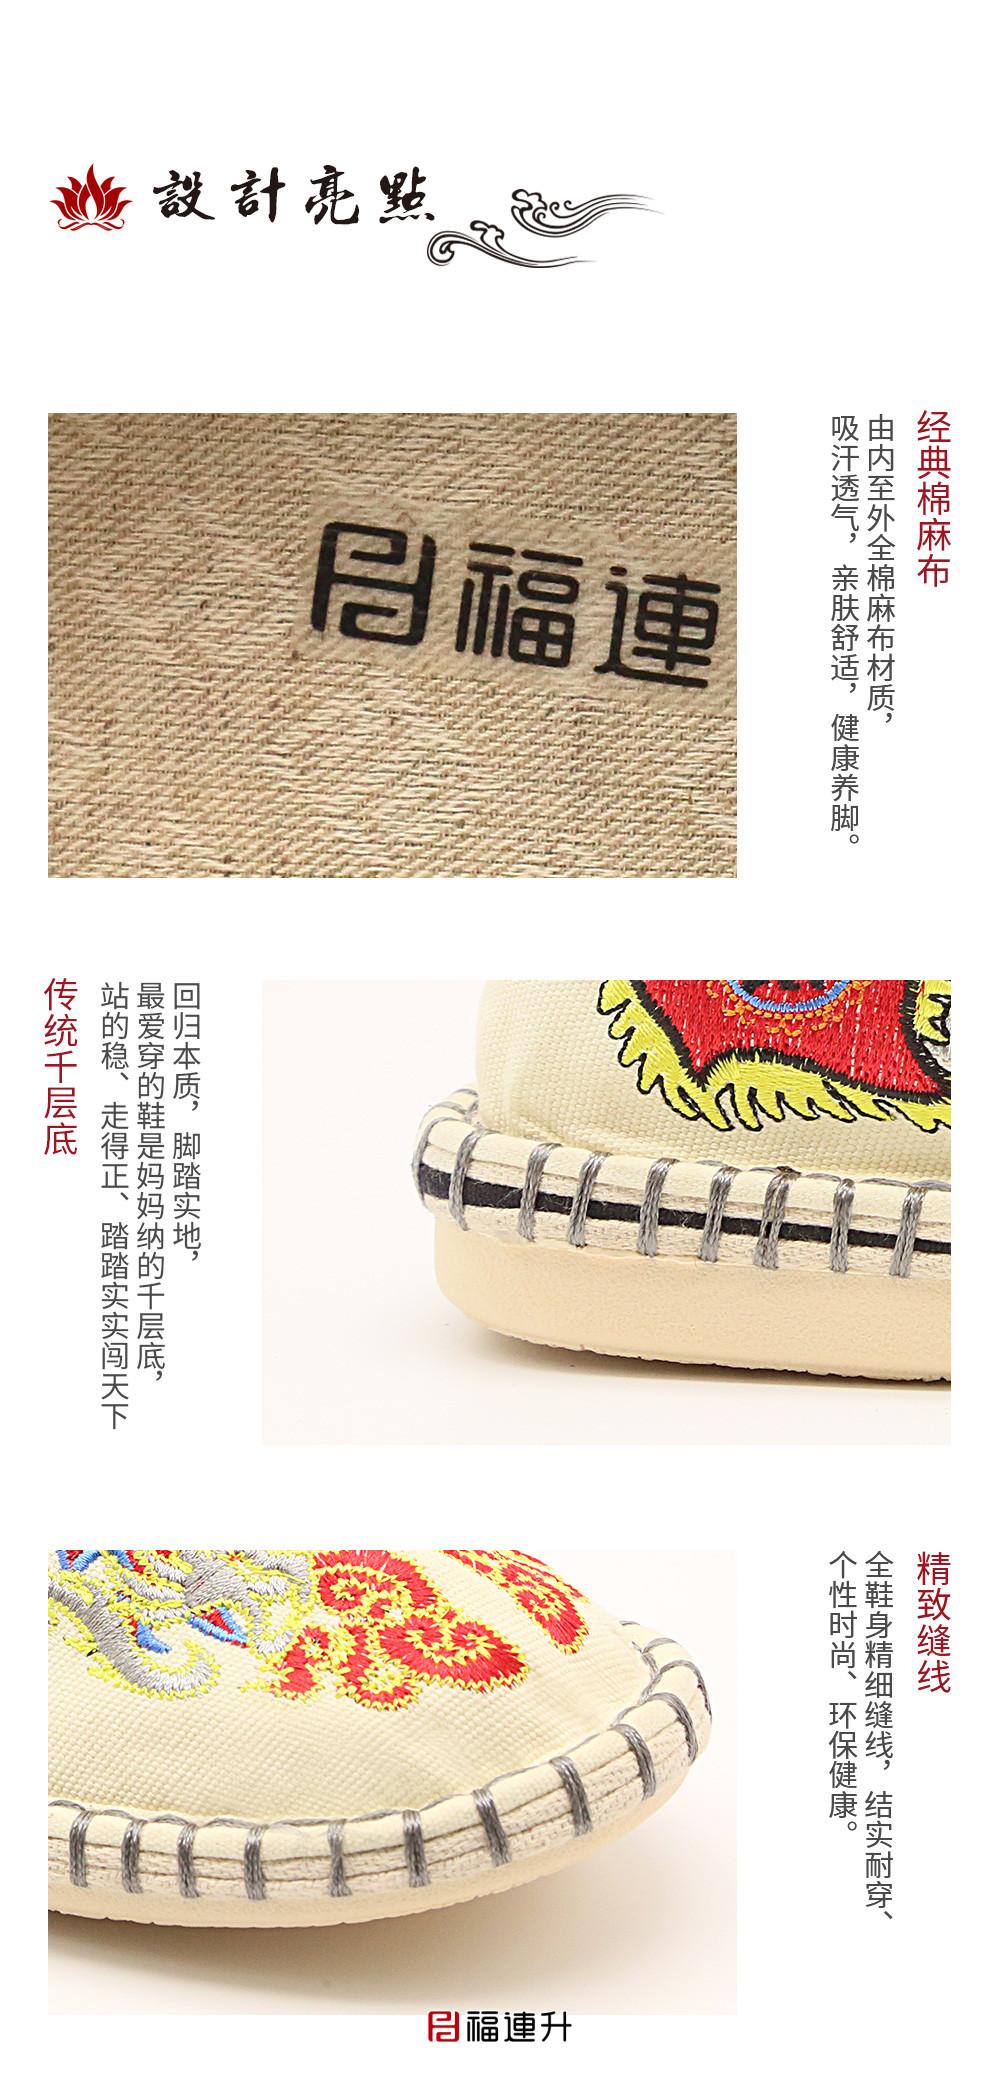 福连升春夏季民族风蓝脸脸谱刺绣单鞋懒人一脚蹬休闲鞋子图片